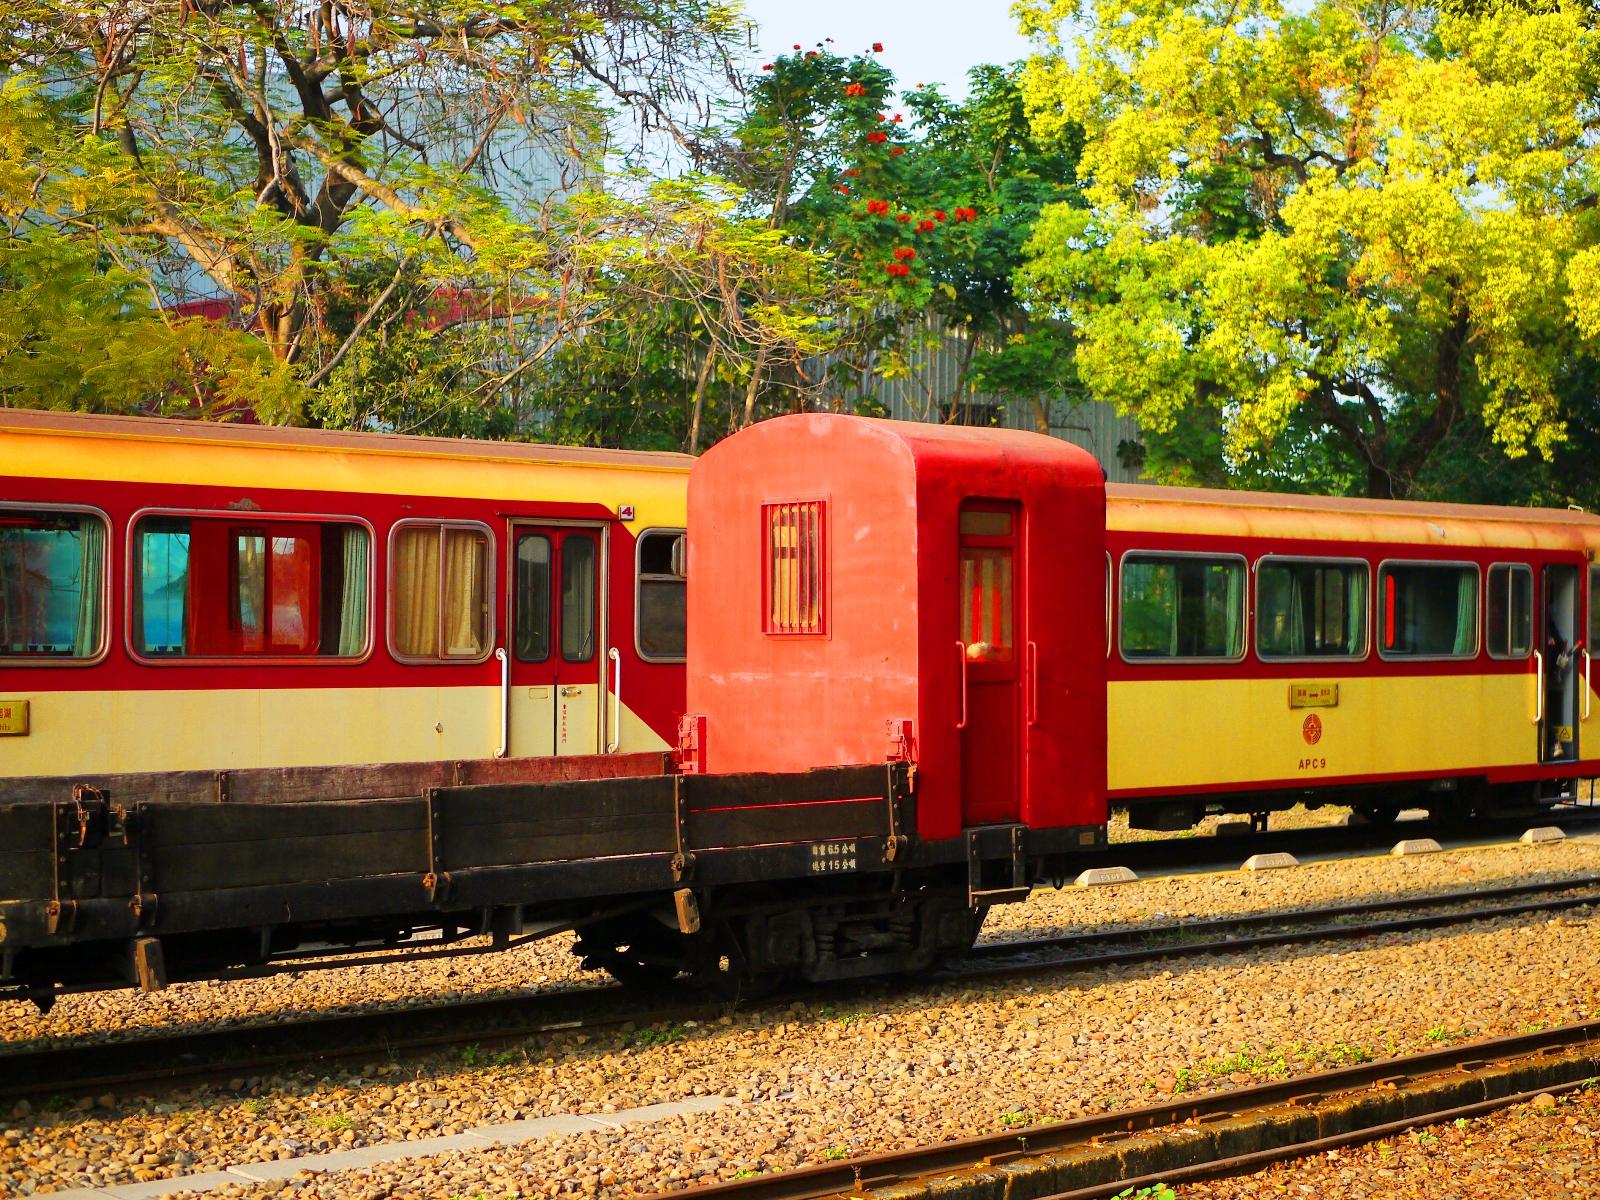 森林小火車 | 阿里山森林鐵路的起點 | 北門駅 | Alishan Forest Railway in Taiwan | とうく | かぎし | East District | Chiayi | RoundtripJp